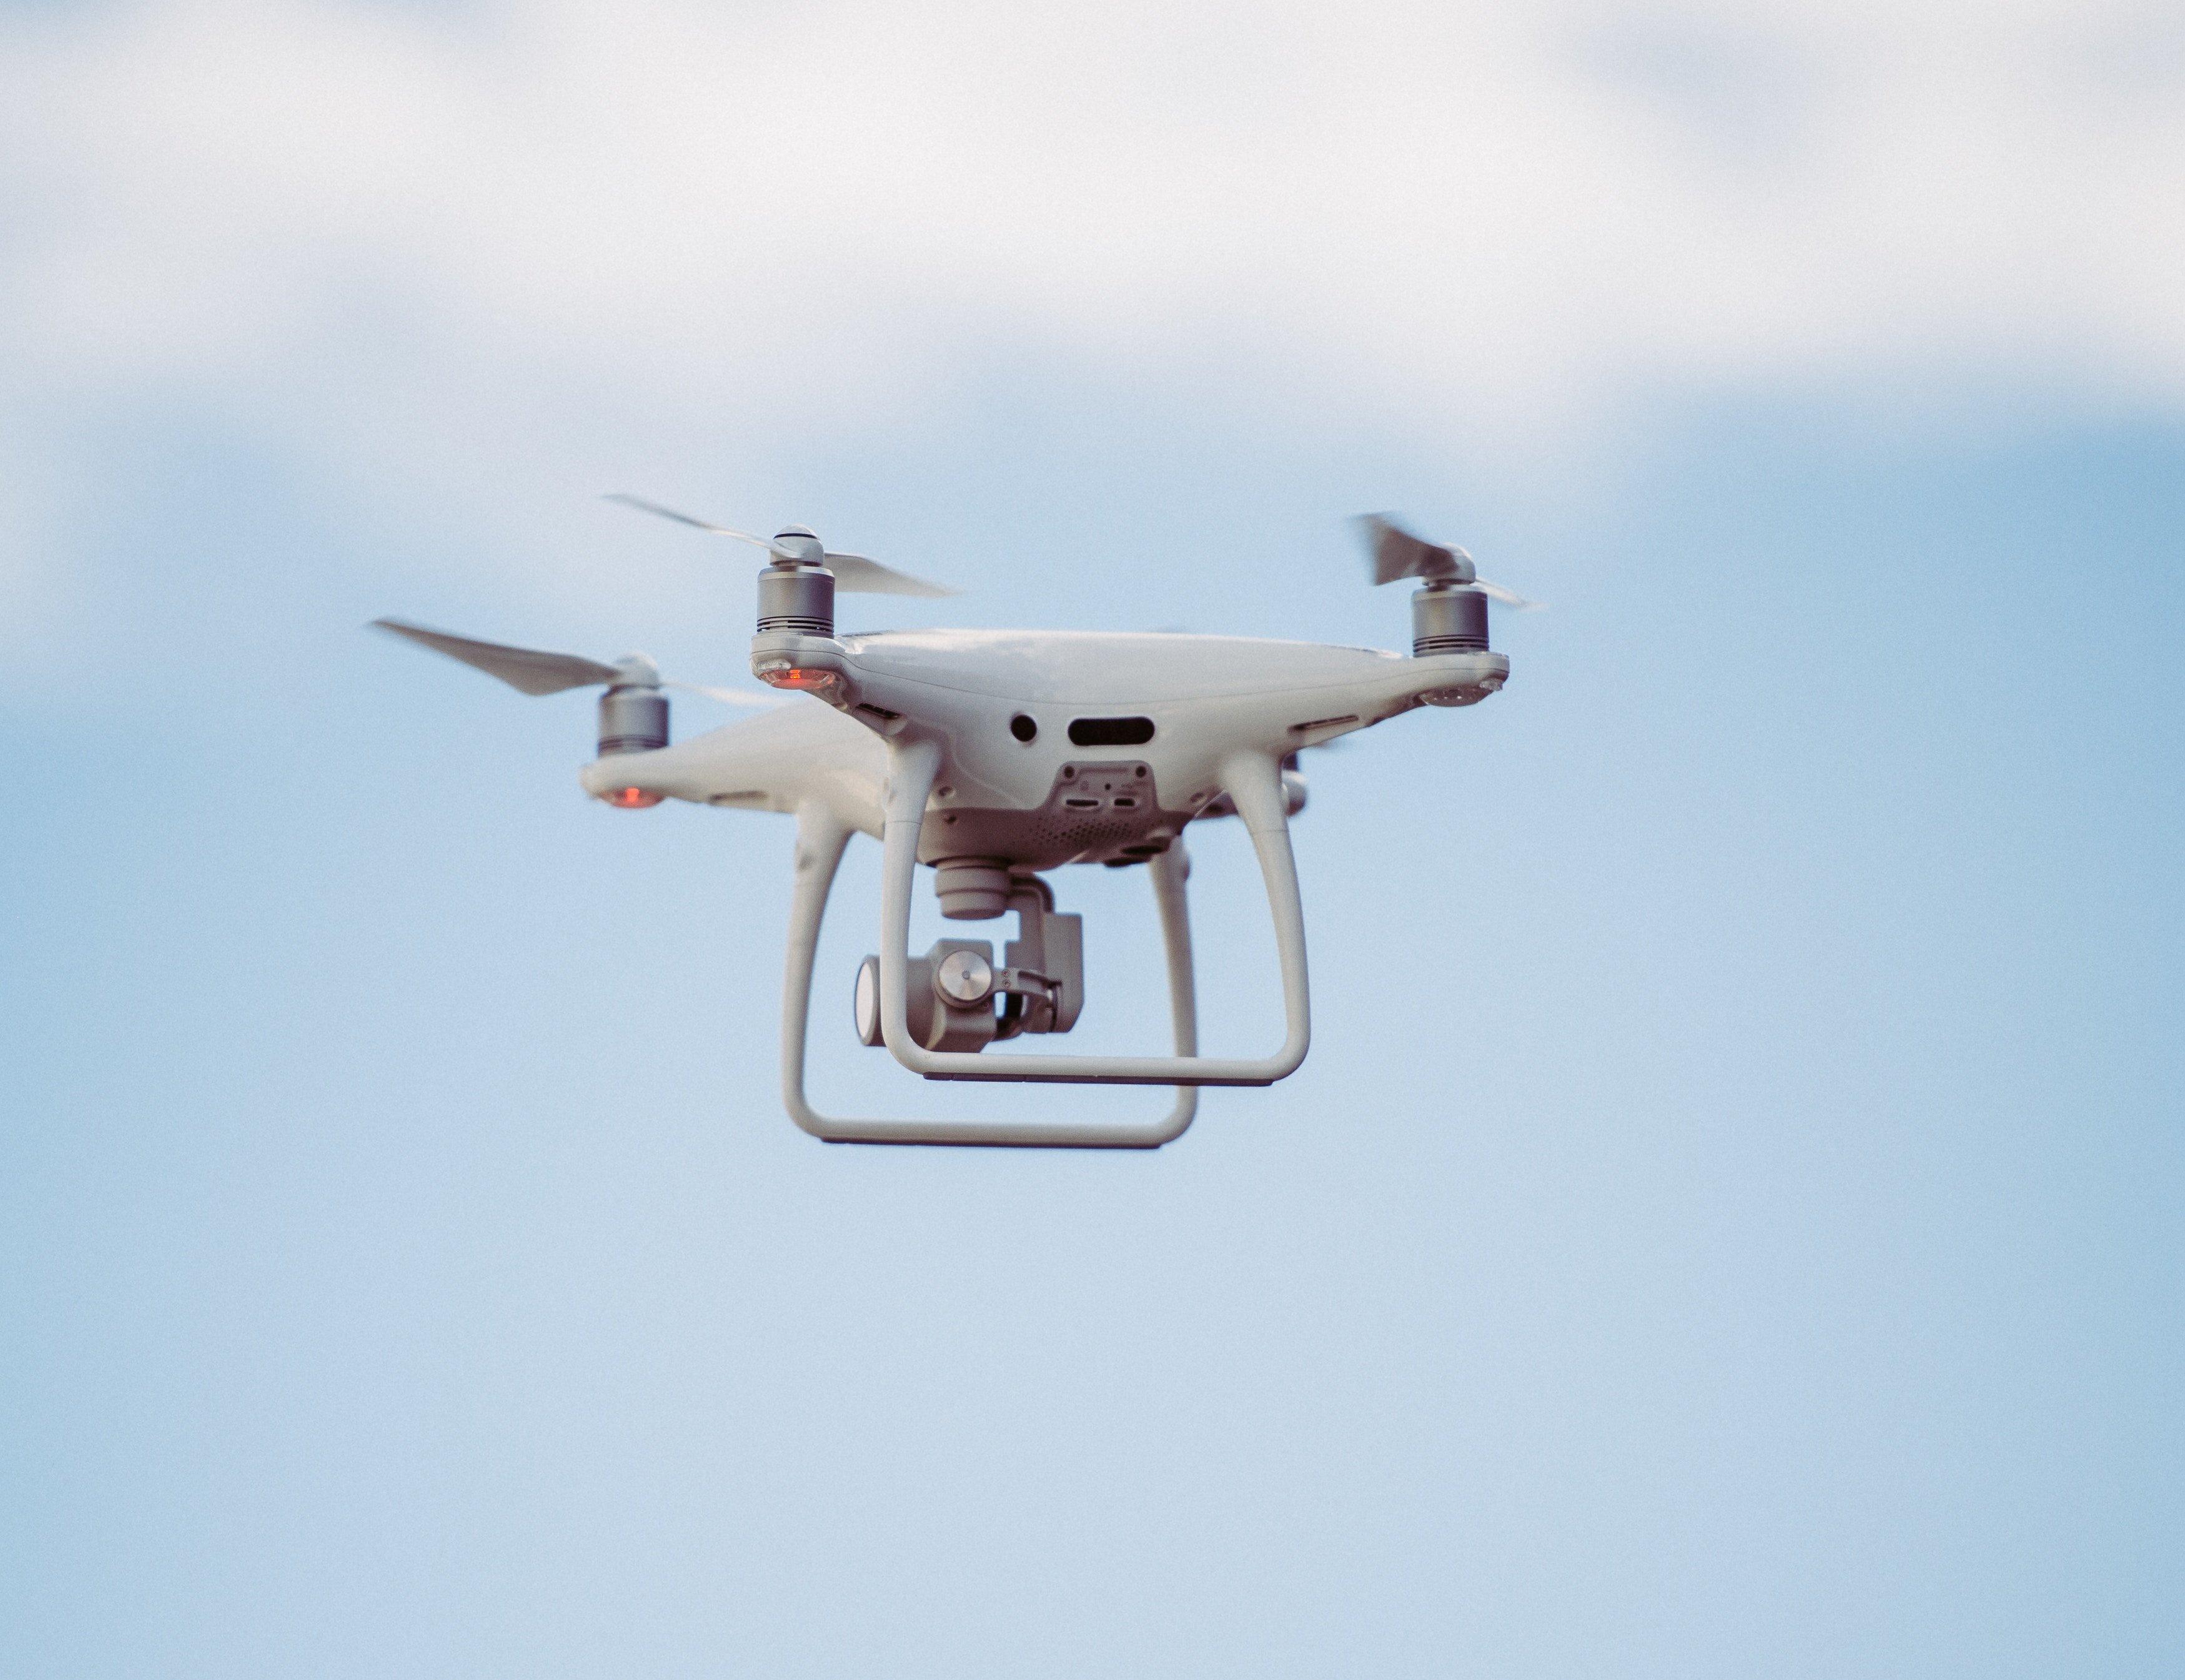 Drone in flight. Photo by Annie Spratt on Unsplash